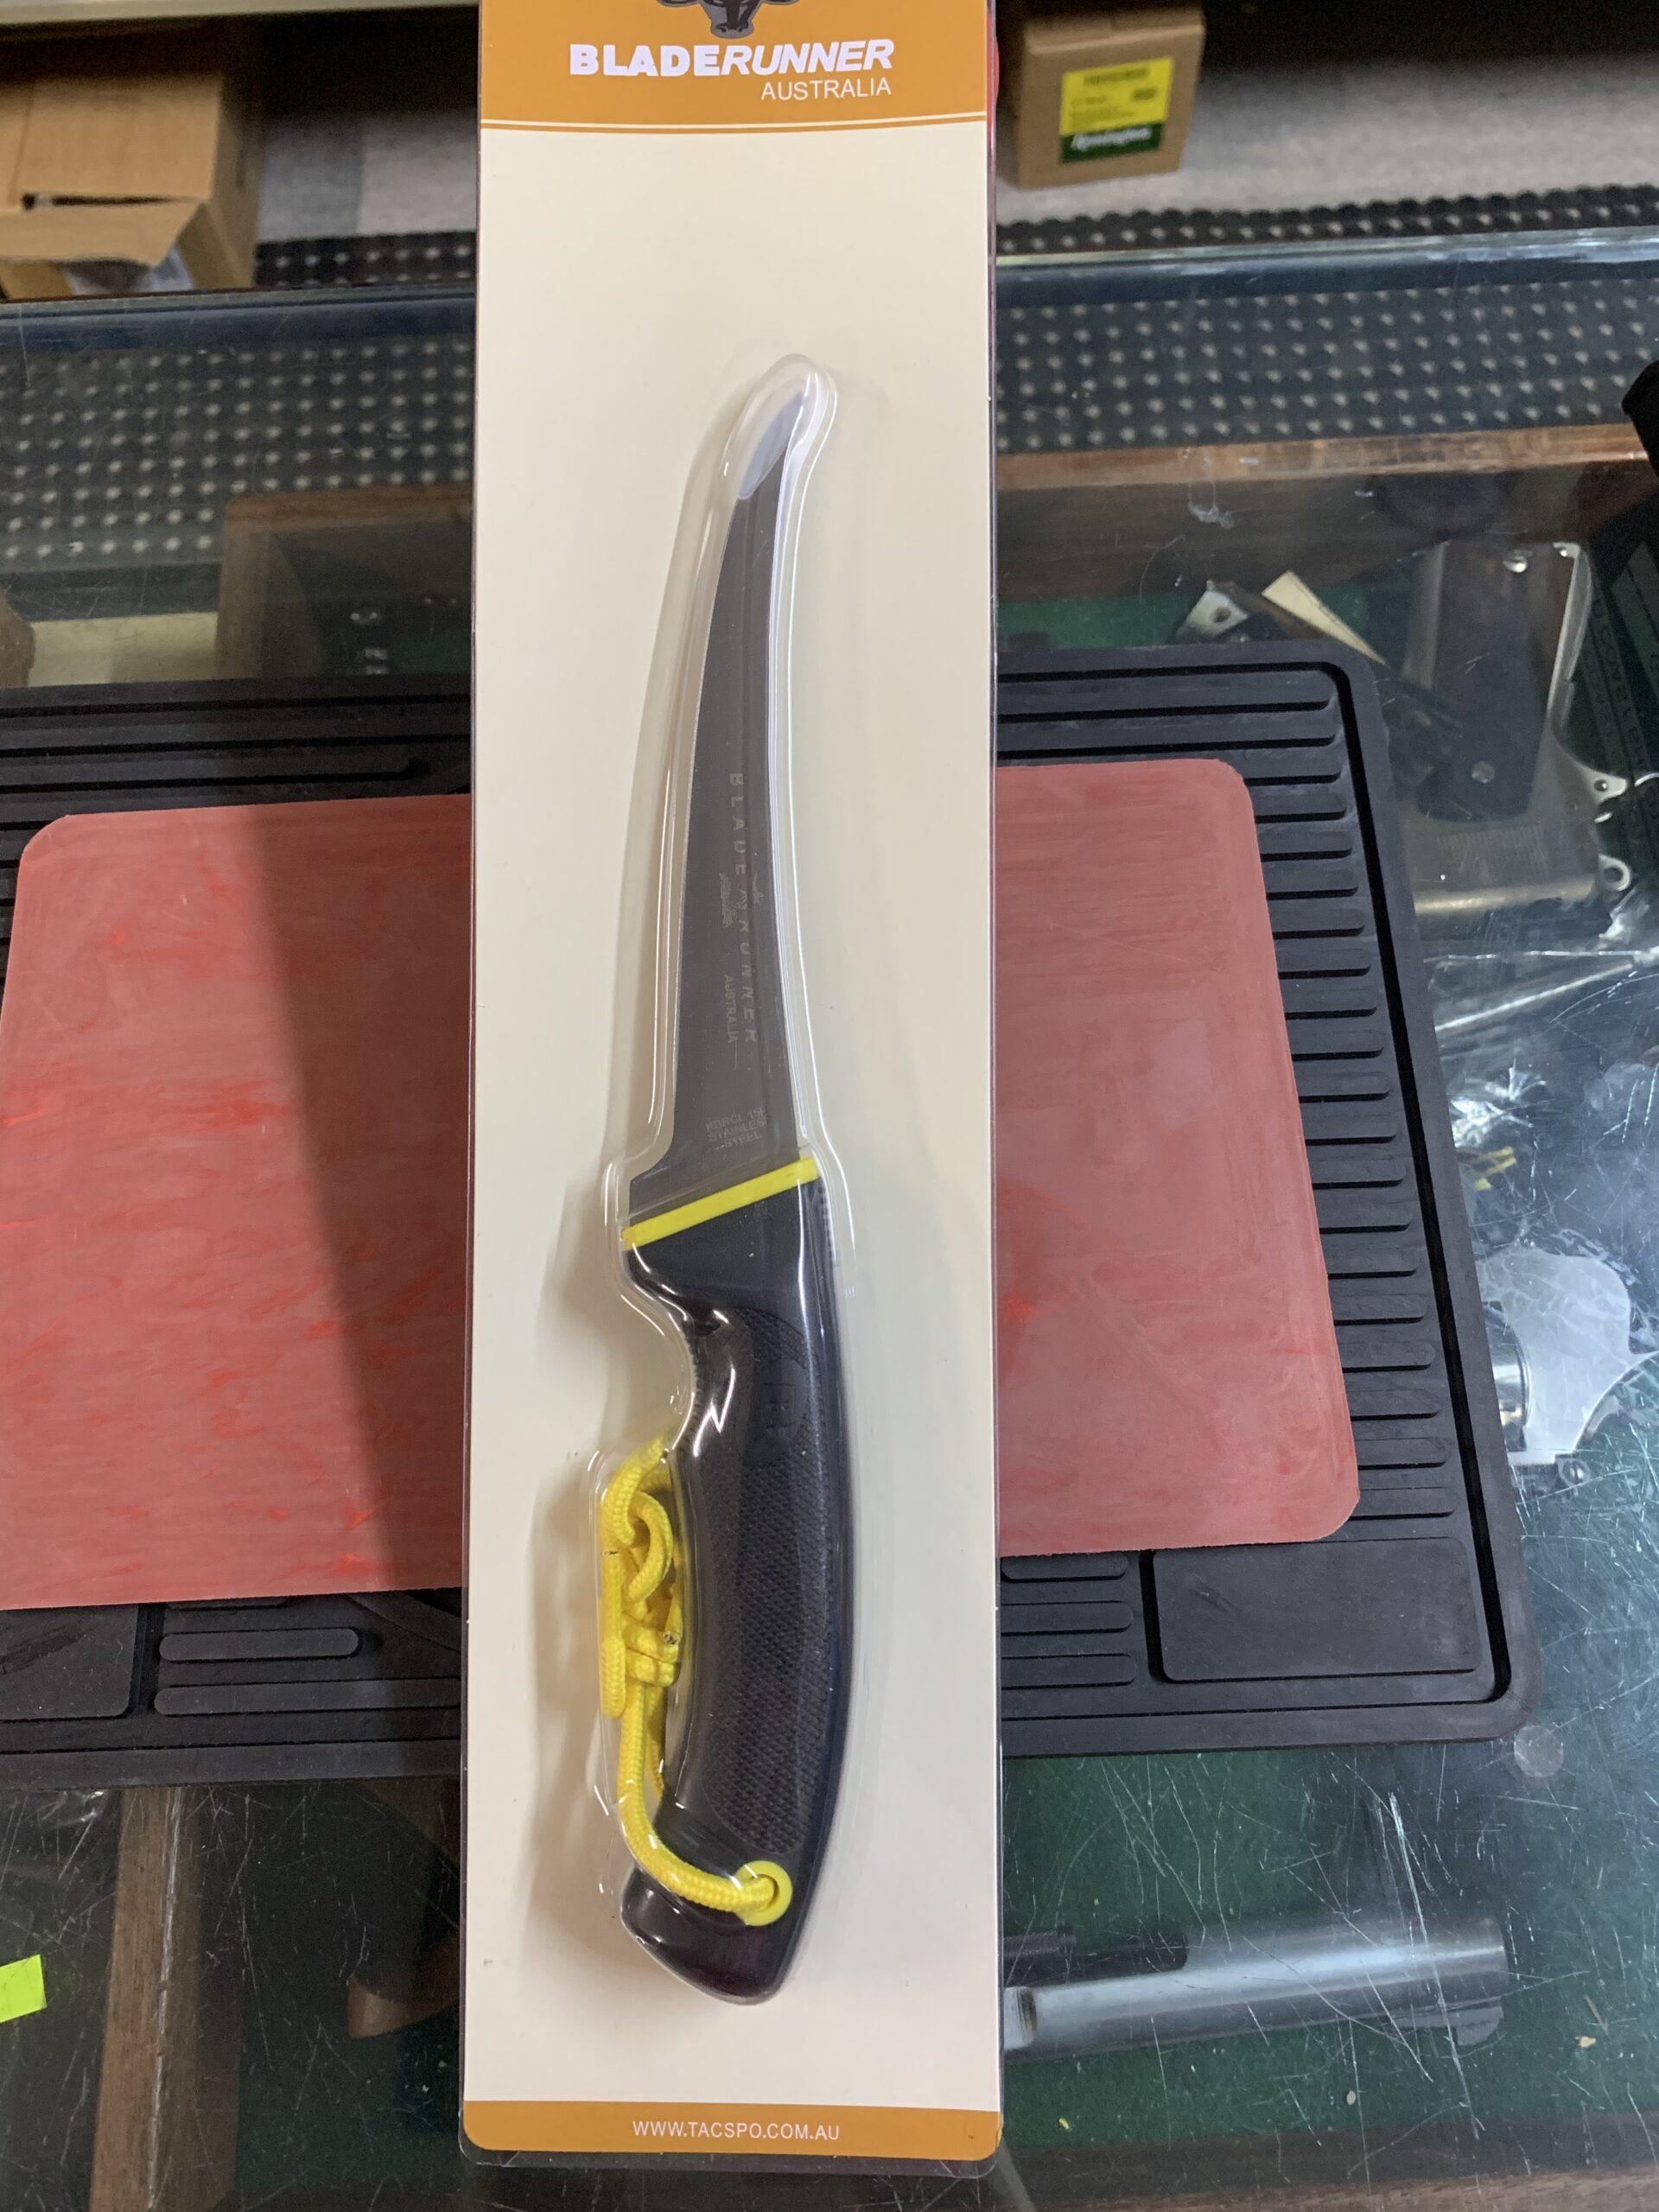 Bladerunner boning knife